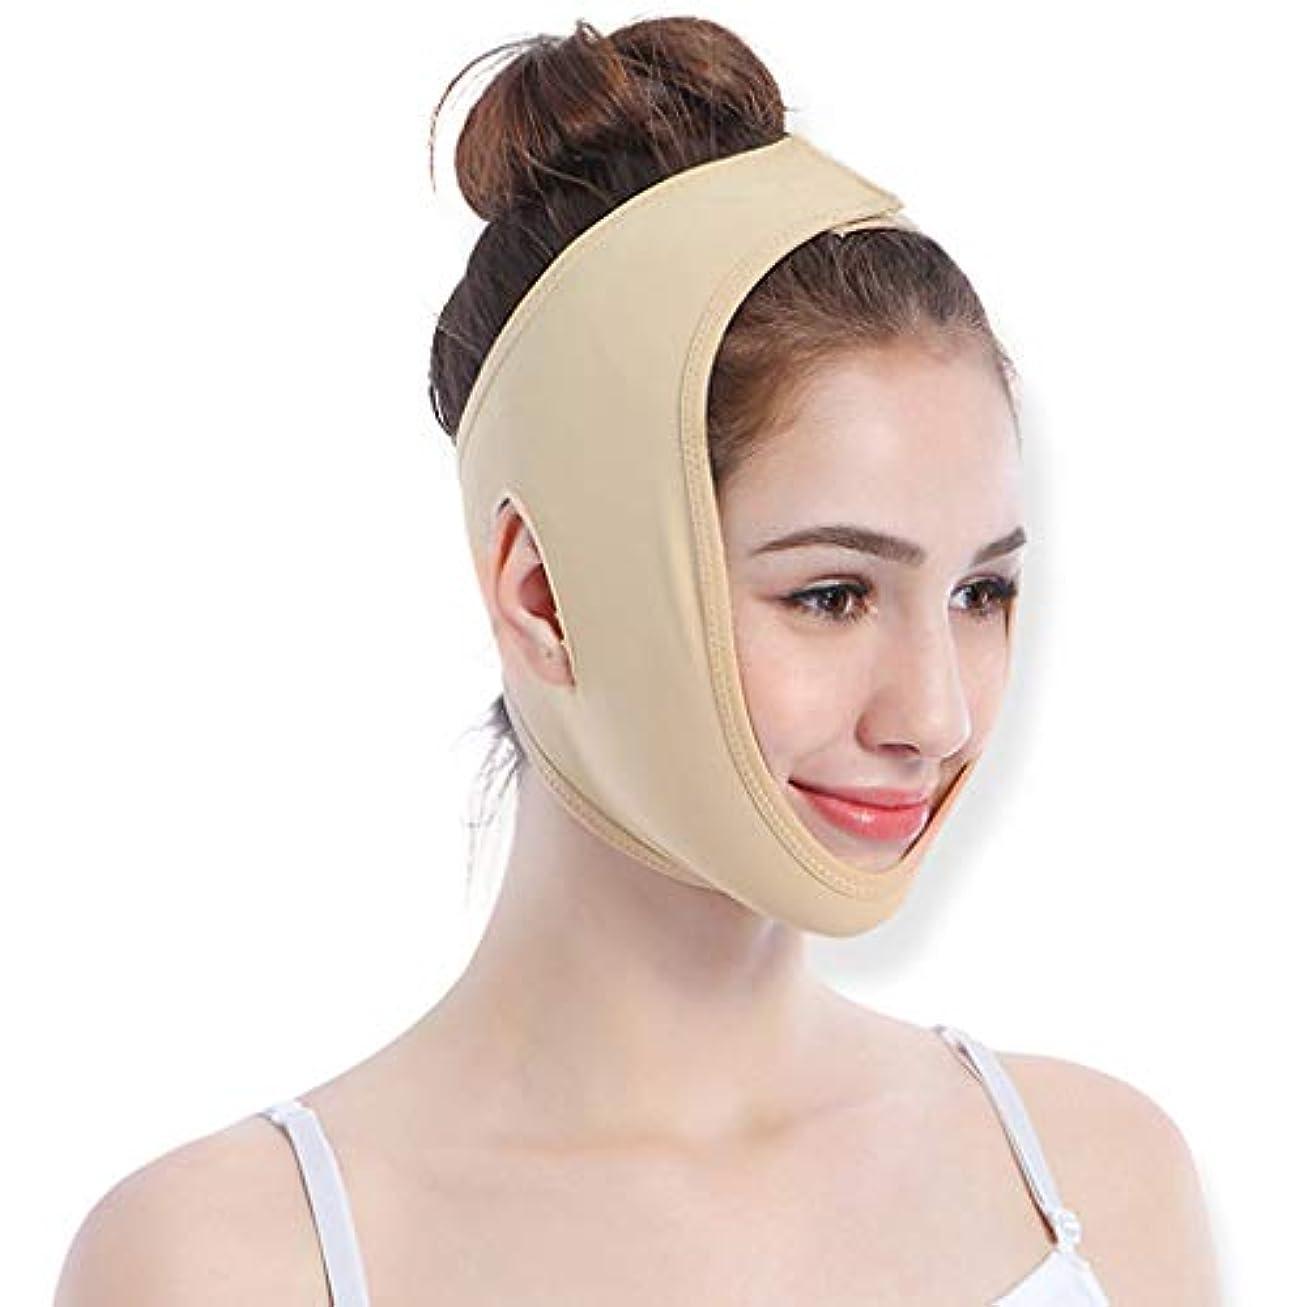 扇動するみカウントアップ薄い顔のマスクの男性と女性の顔のv顔のマスクの顔の楽器の包帯,XL